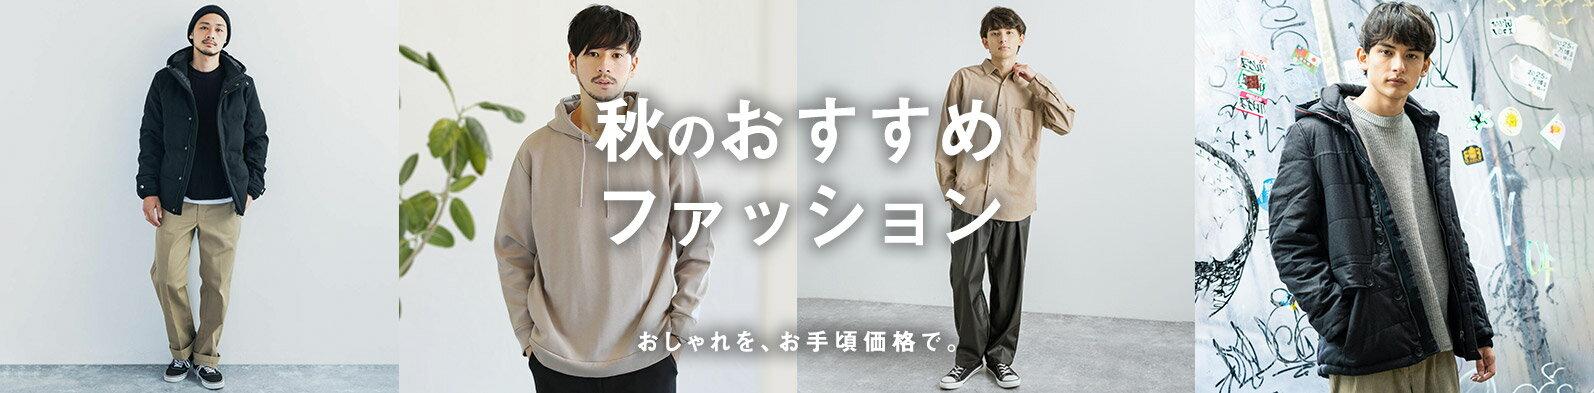 秋のおすすめファッション MEN